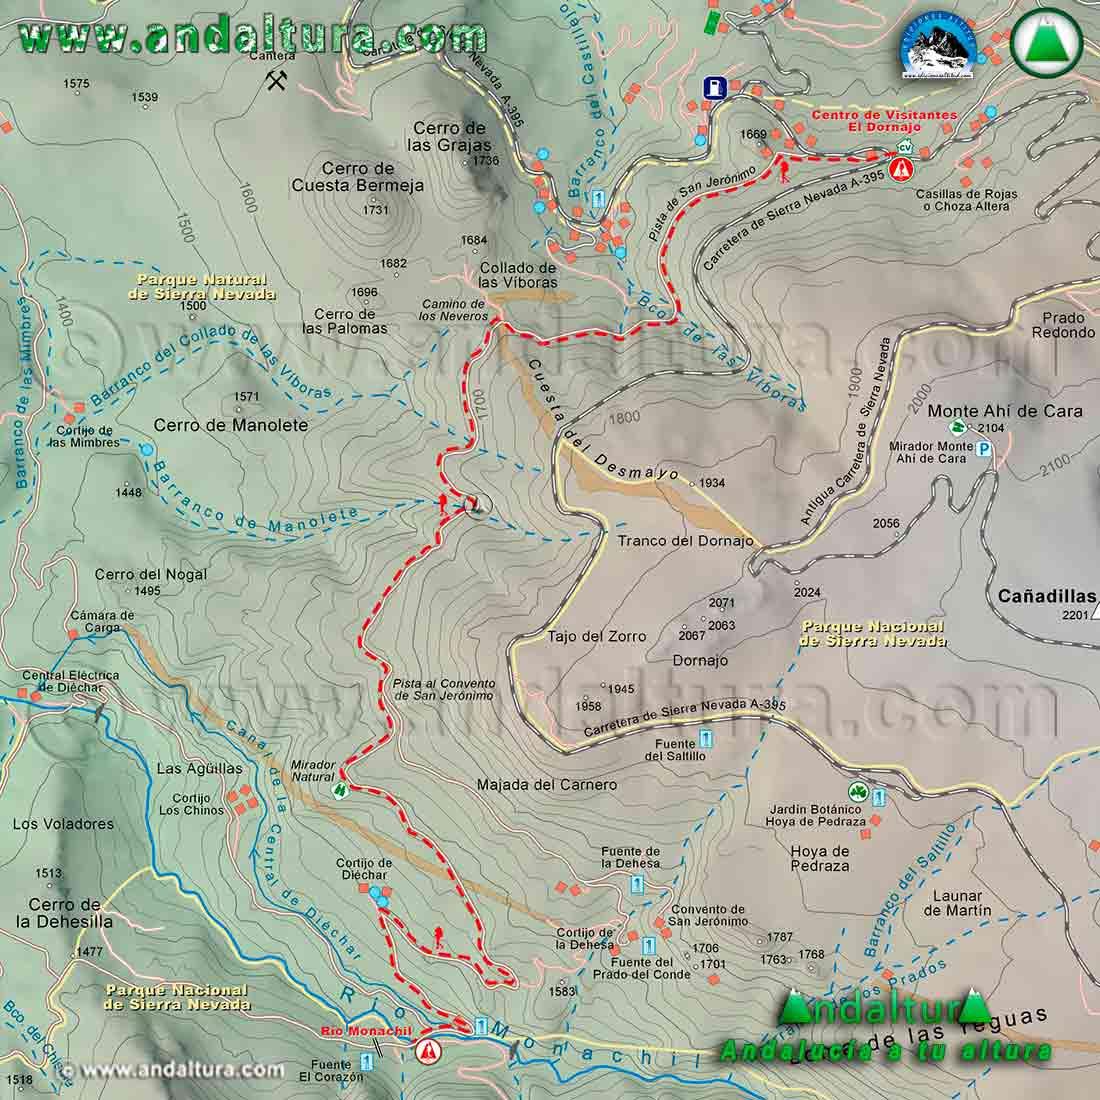 Mapa Cartográfico de la ruta de Senderismo del GR240, Sendero Sulayr, del Dornajo al Río Monachil